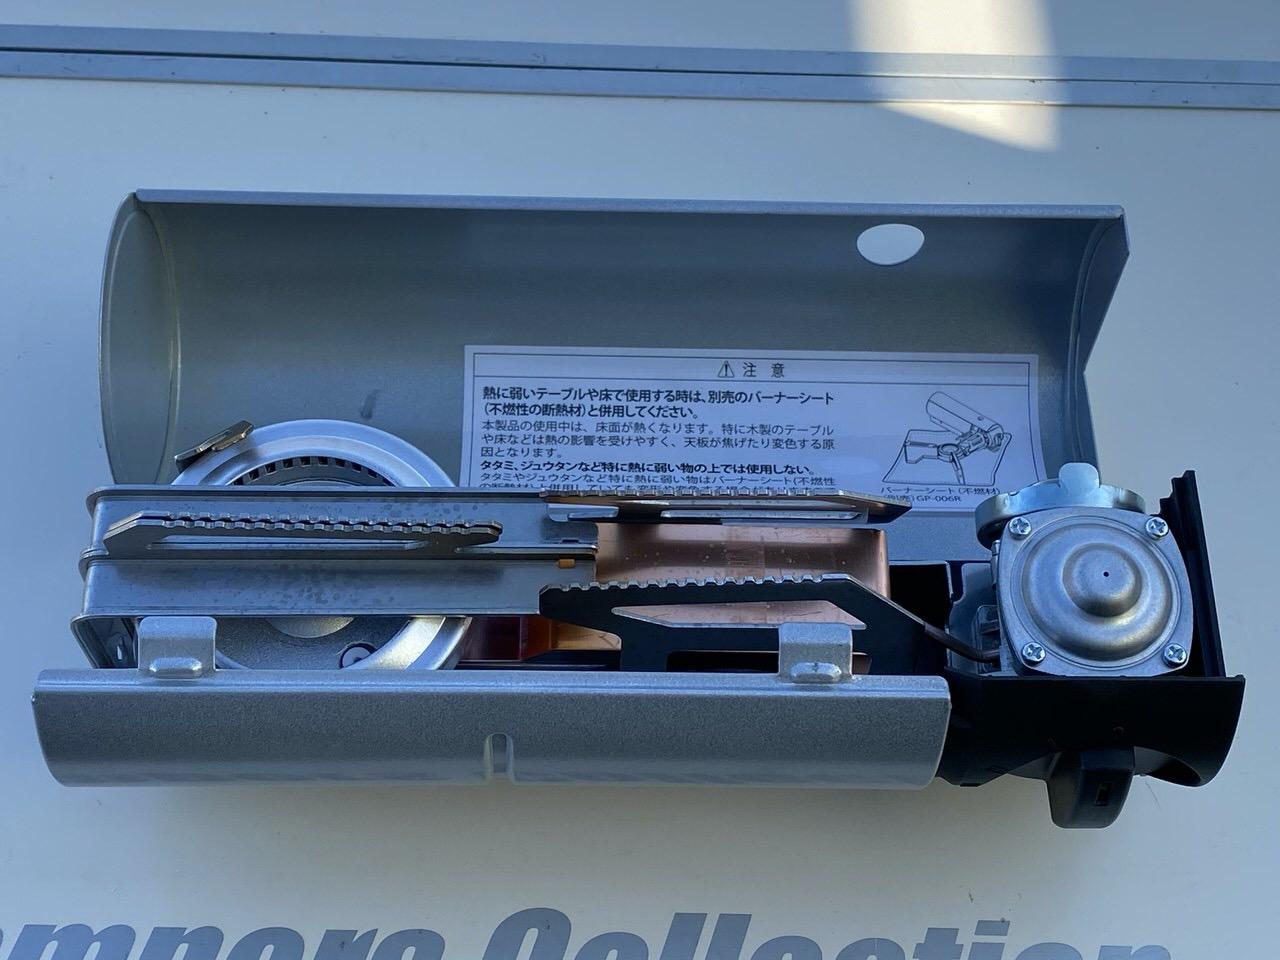 スノーピークのカセットコンロ「HOME&CAMPバーナー(GS-600KH)」7